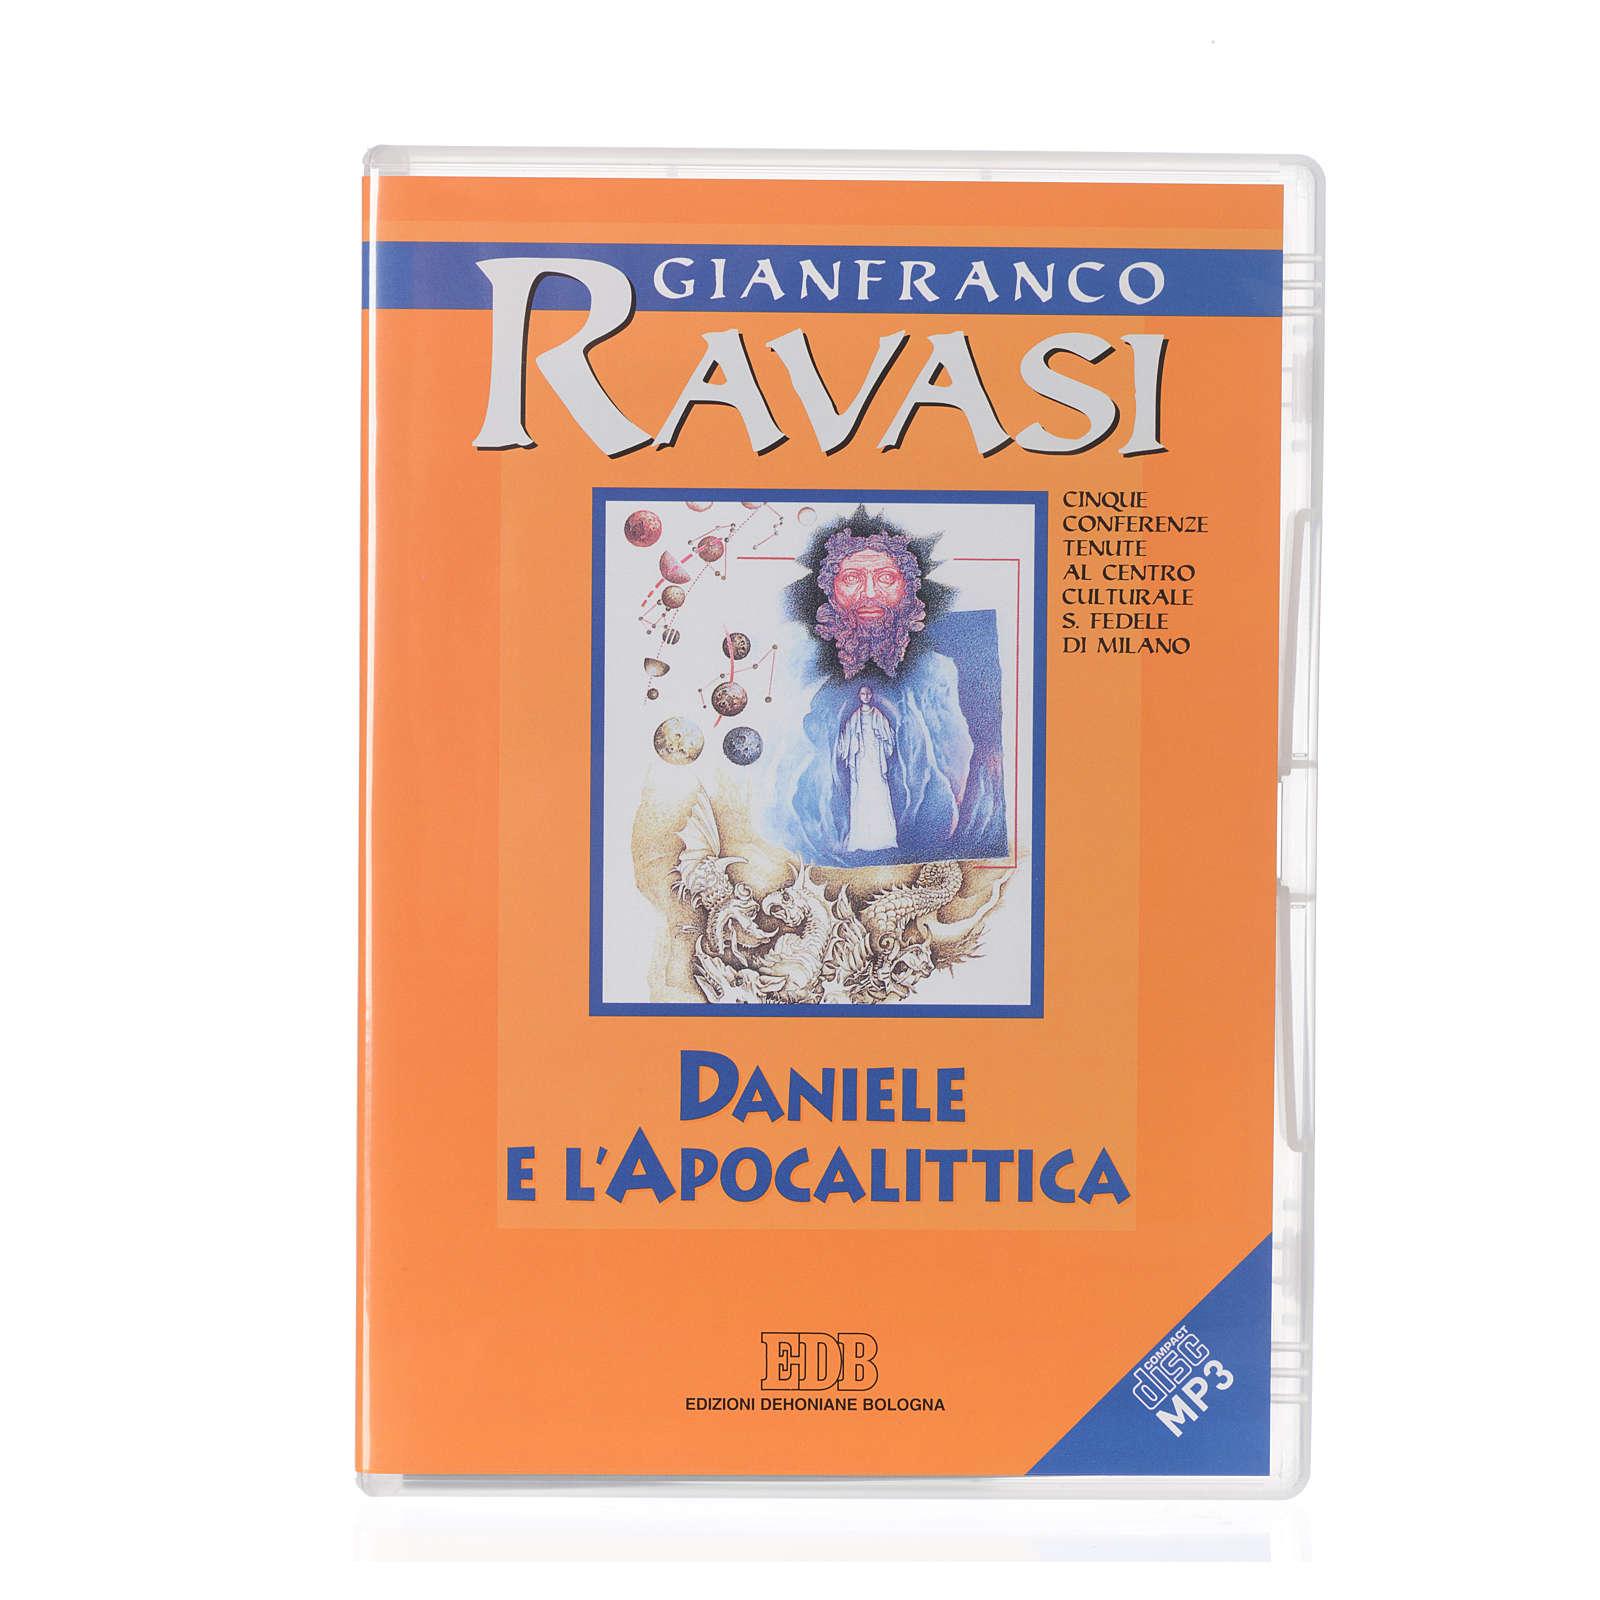 Daniele e l'apocalittica - Cd Conferenze 4